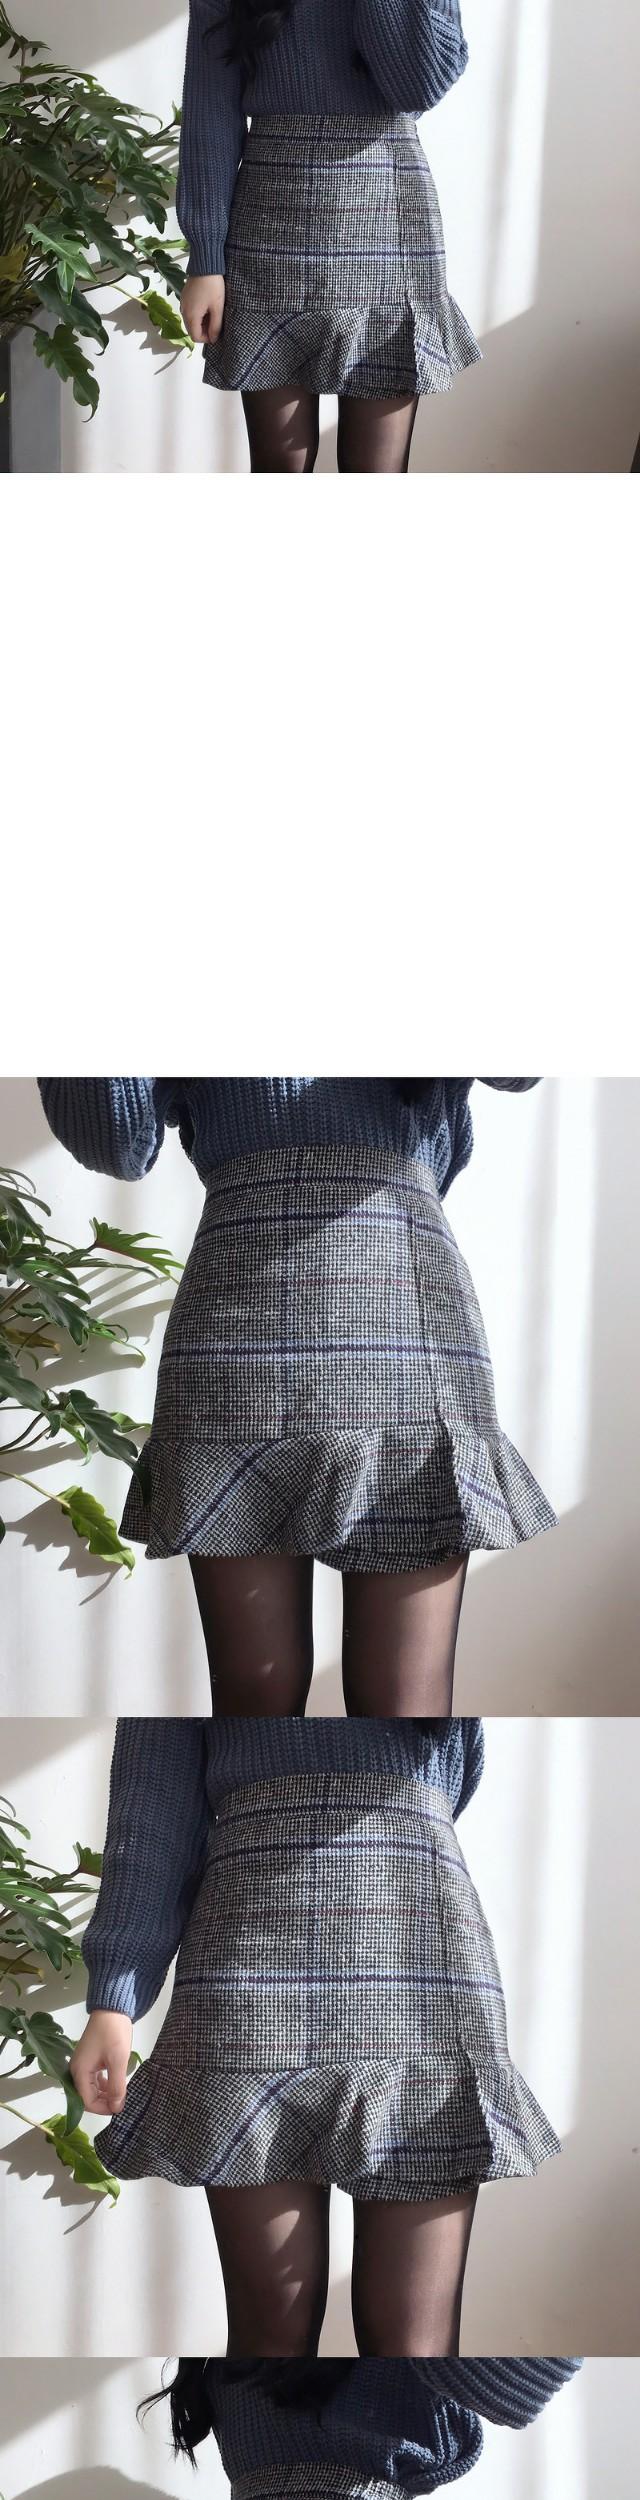 Shavet check ruffle skirt